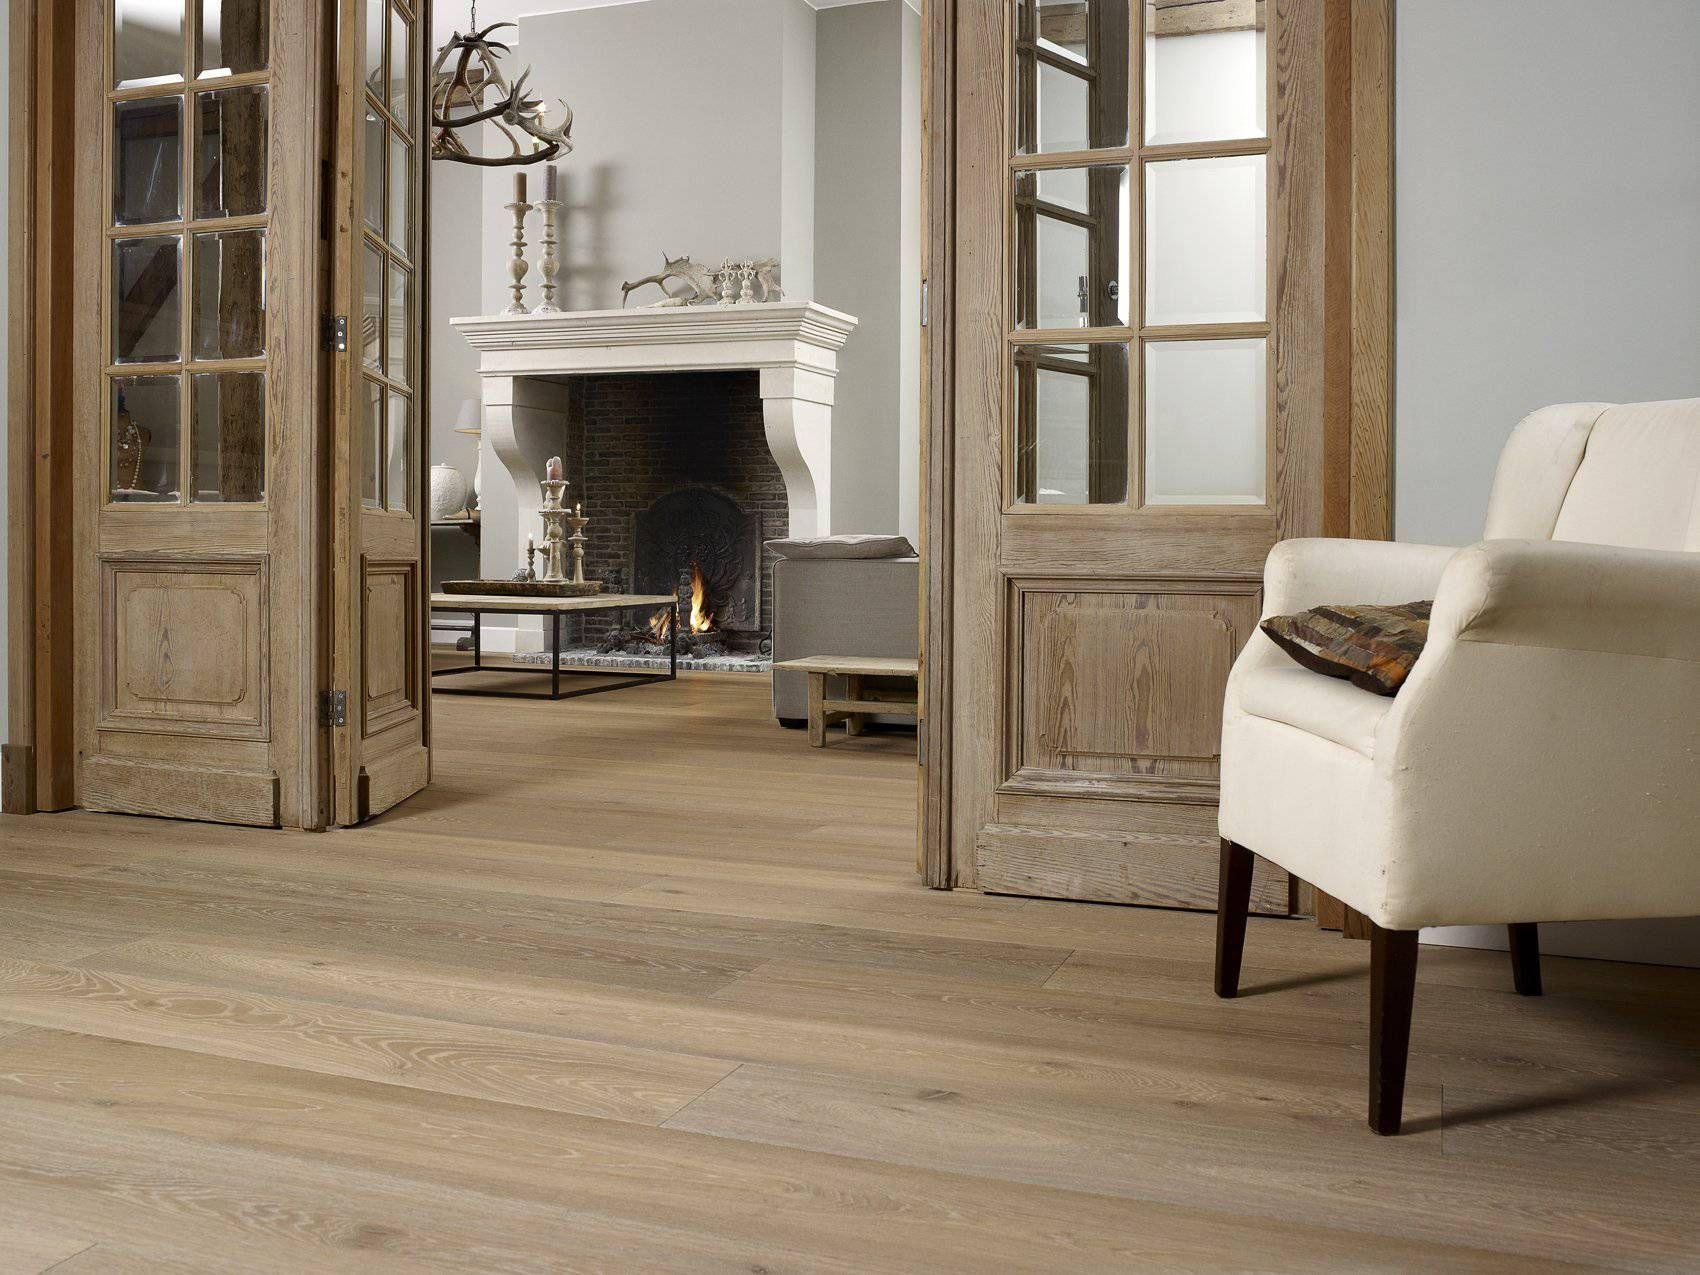 houten vloer op maat gemaakt door Nobel Flooring | woonkamer ideeën ...